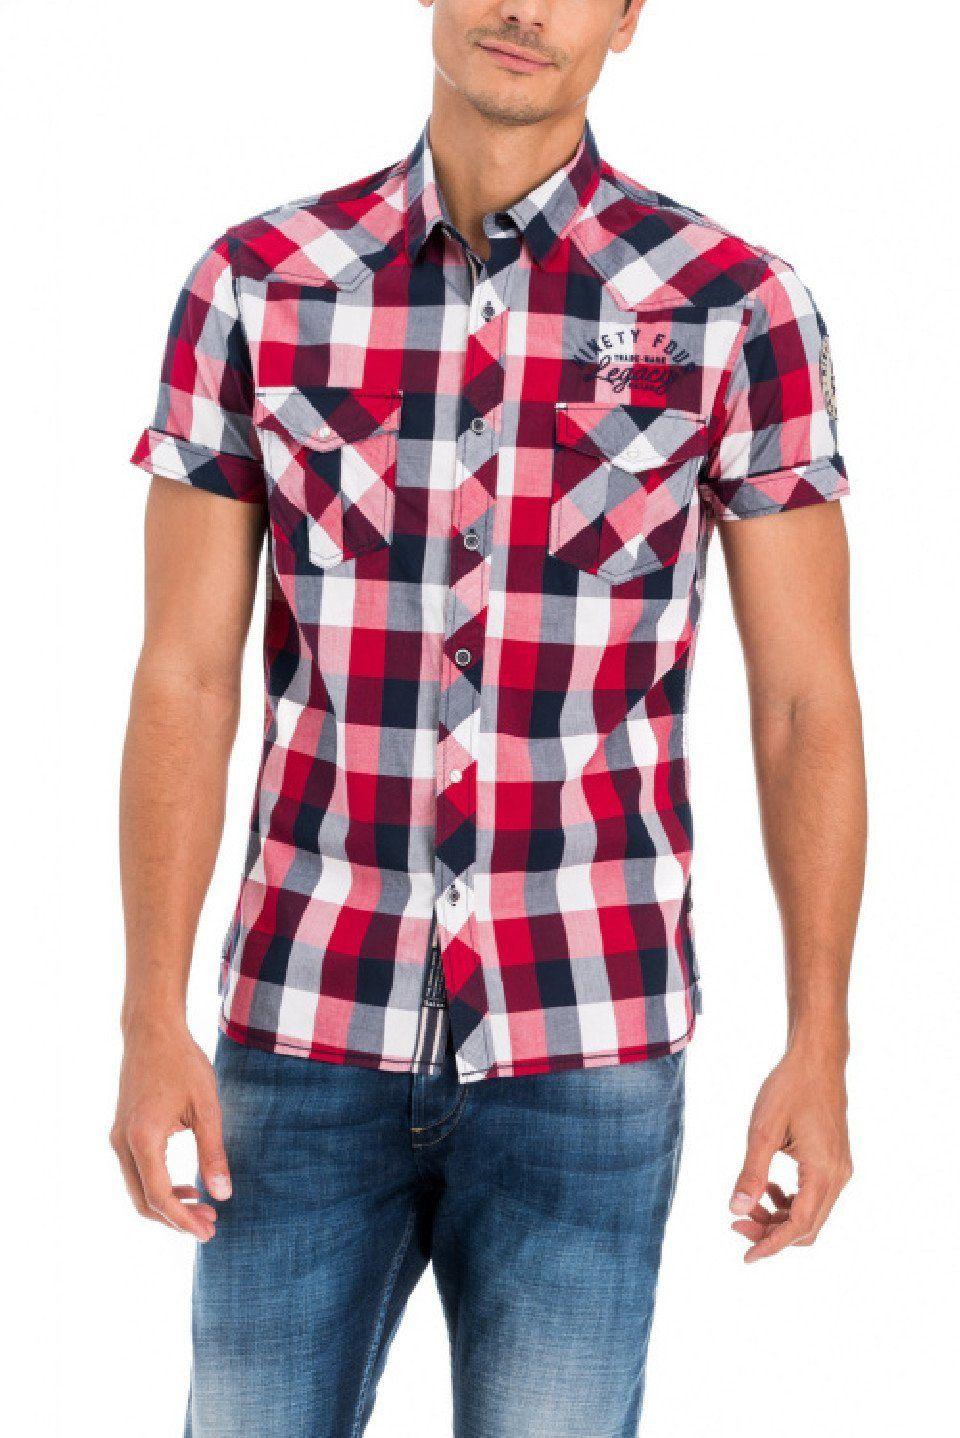 e0a4669e8e39 Pin by Herrenmode Ladendirekt on Hemden   Pinterest   Jeans